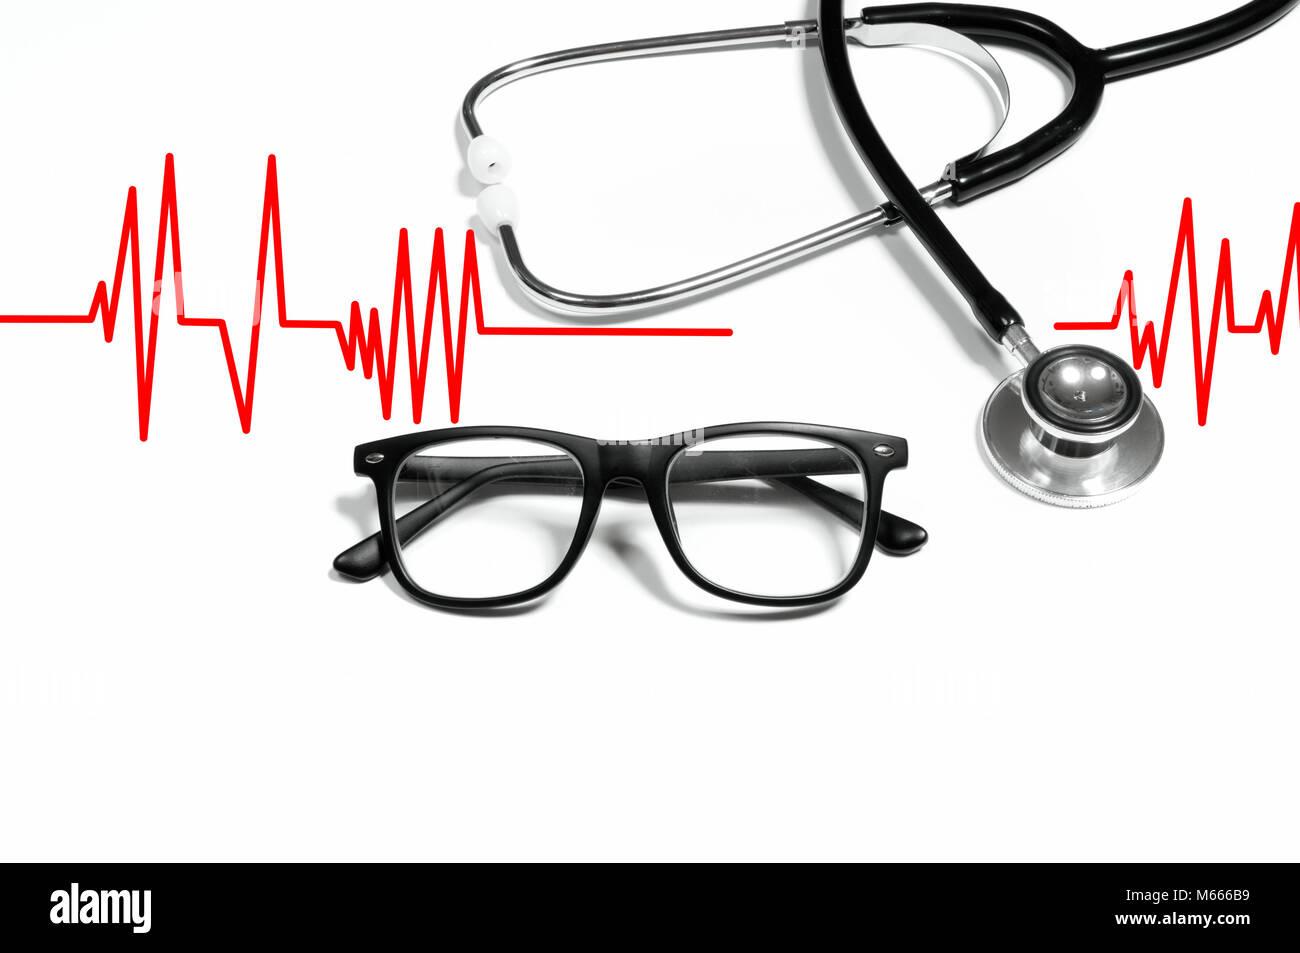 Stetoscopio medico con gli occhiali su sfondo bianco. I concetti di salute Immagini Stock